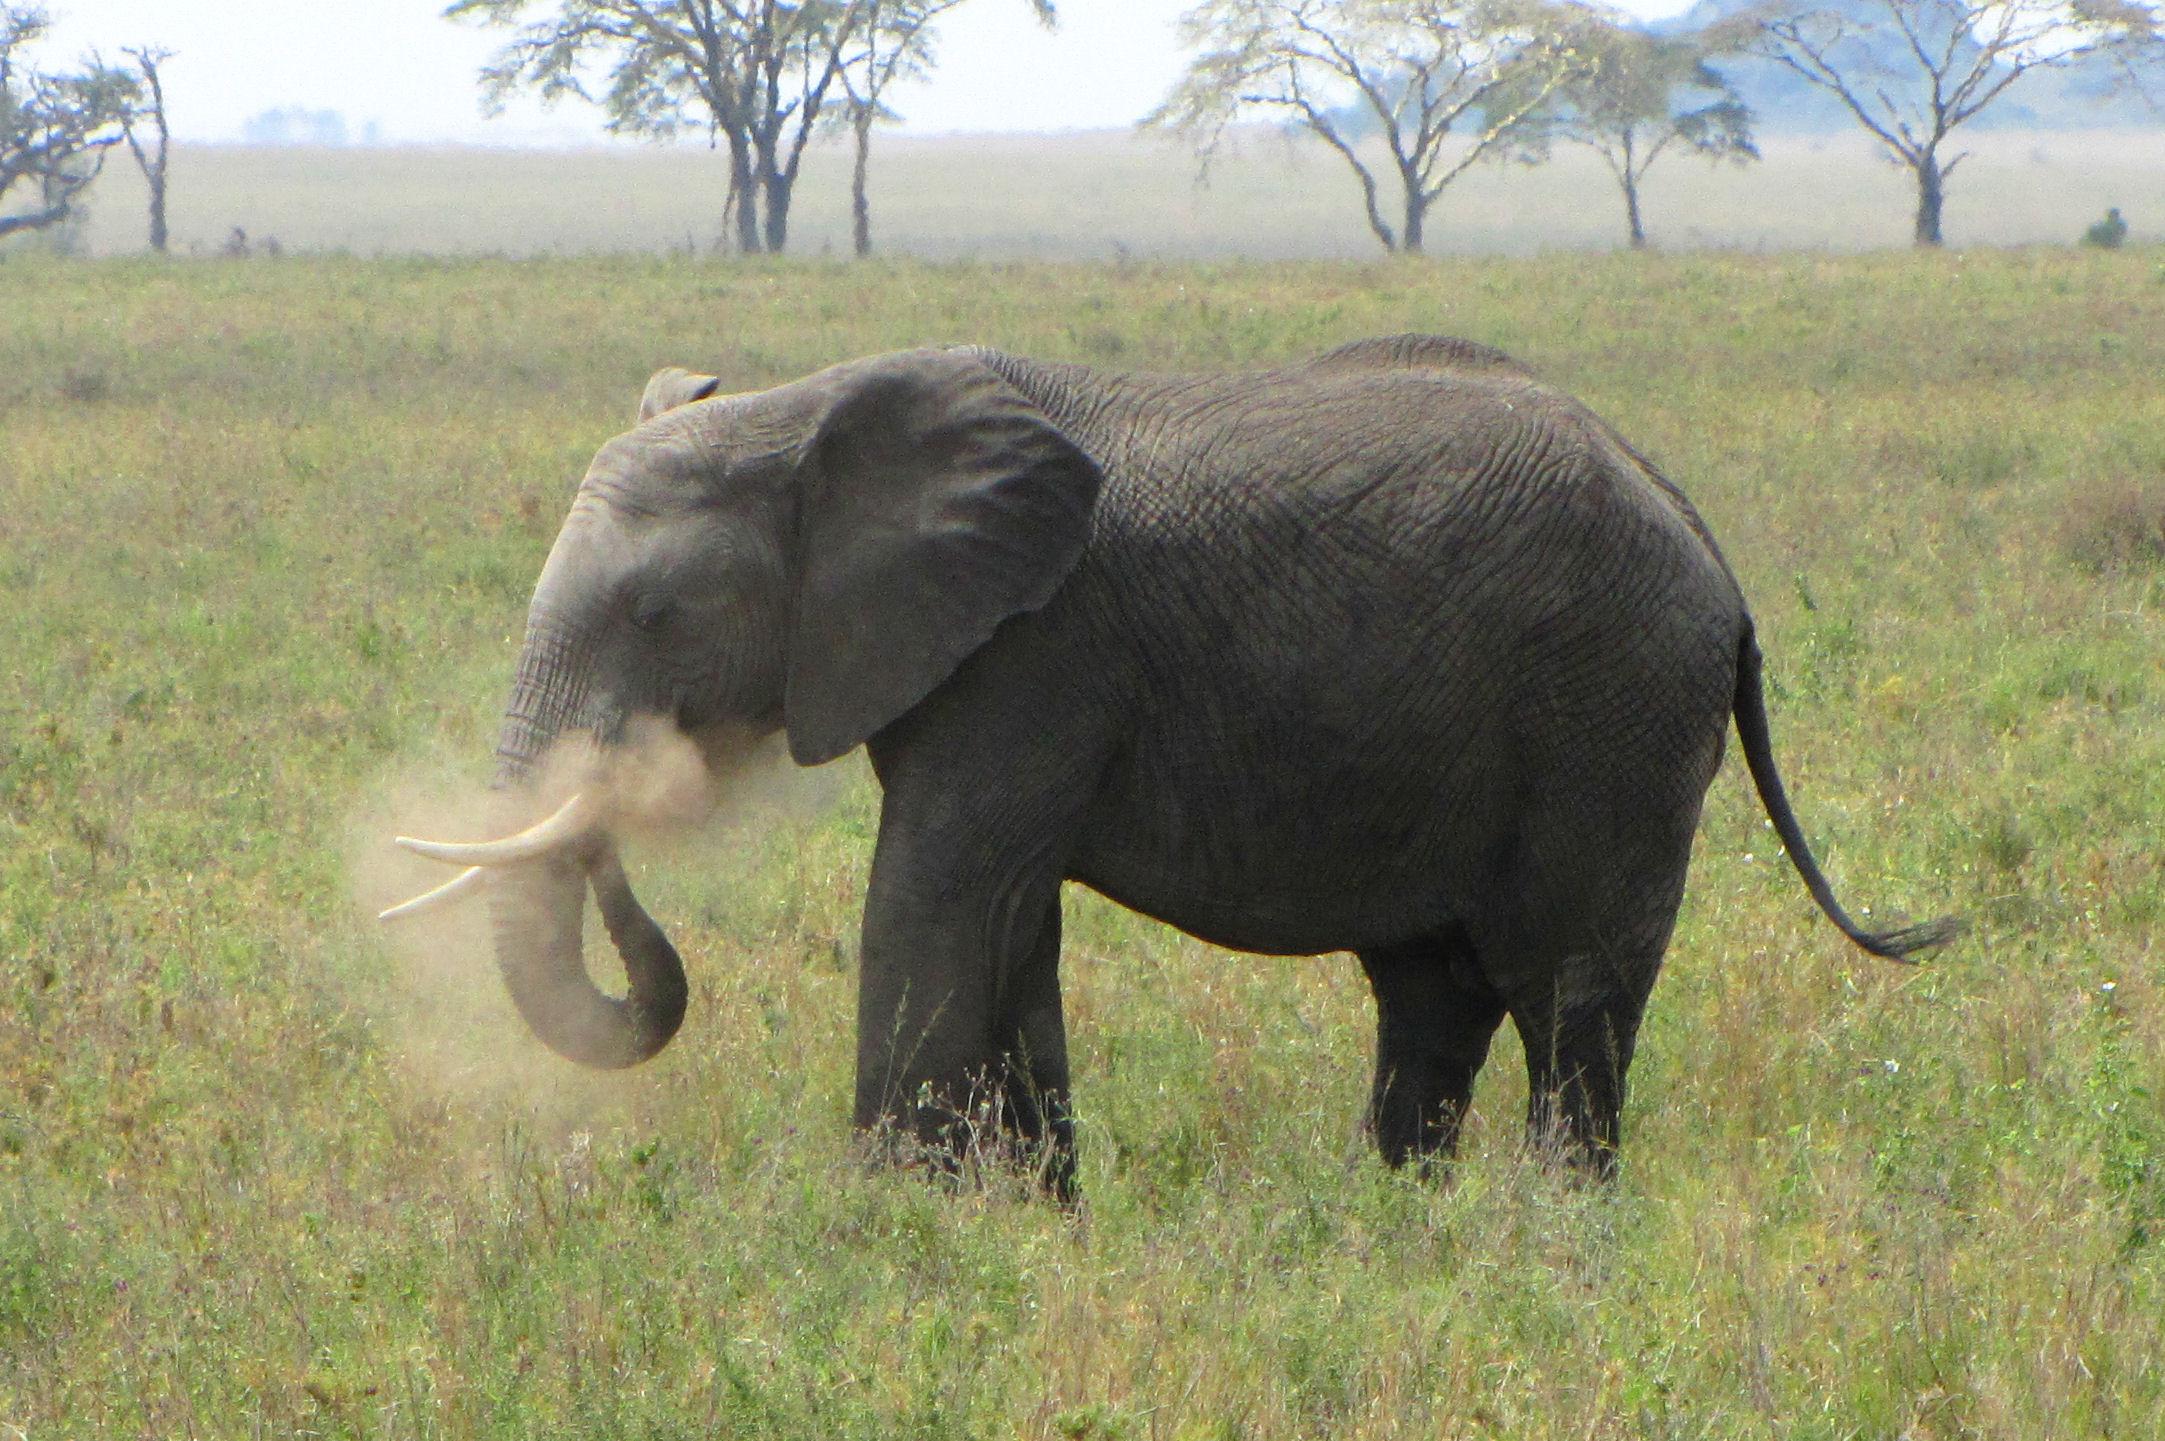 Description elephant dusting itself